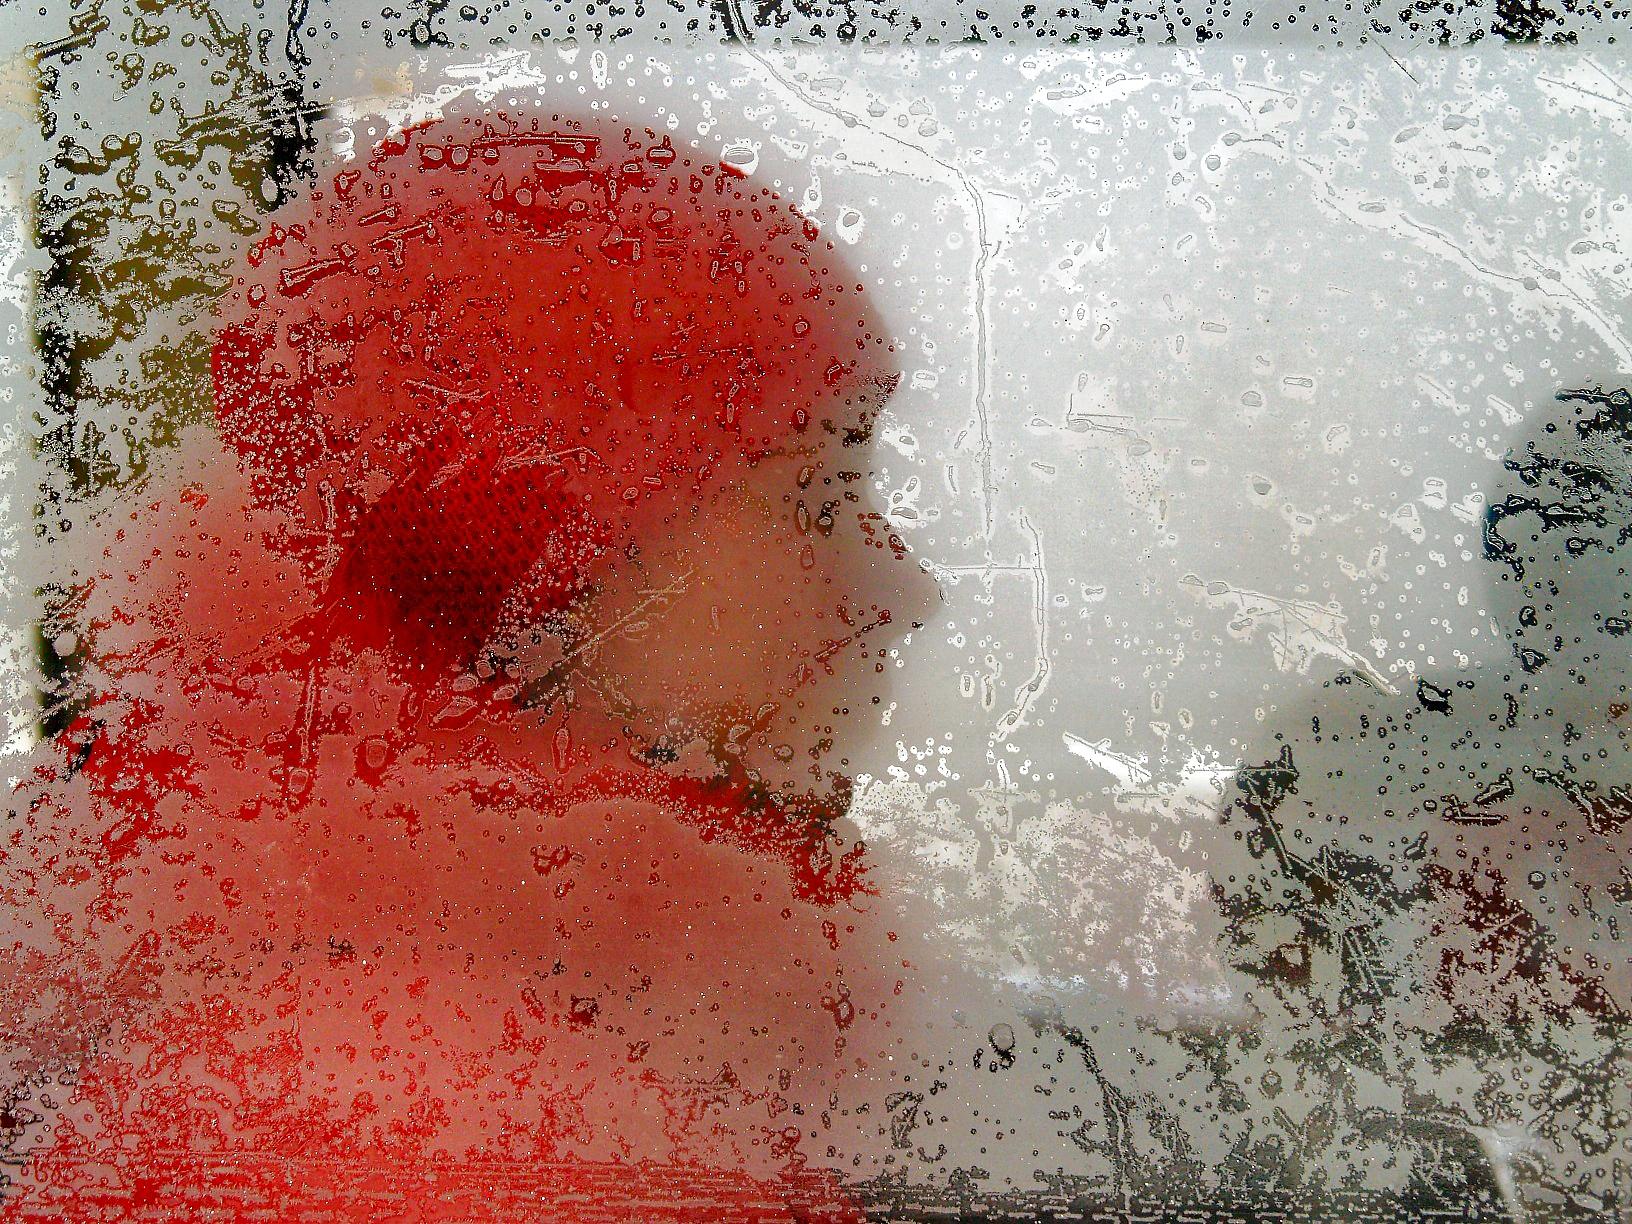 Сретенские морозы, которые бывают 15 февраля, в этом году обошли стороной Челябинскую область. Си